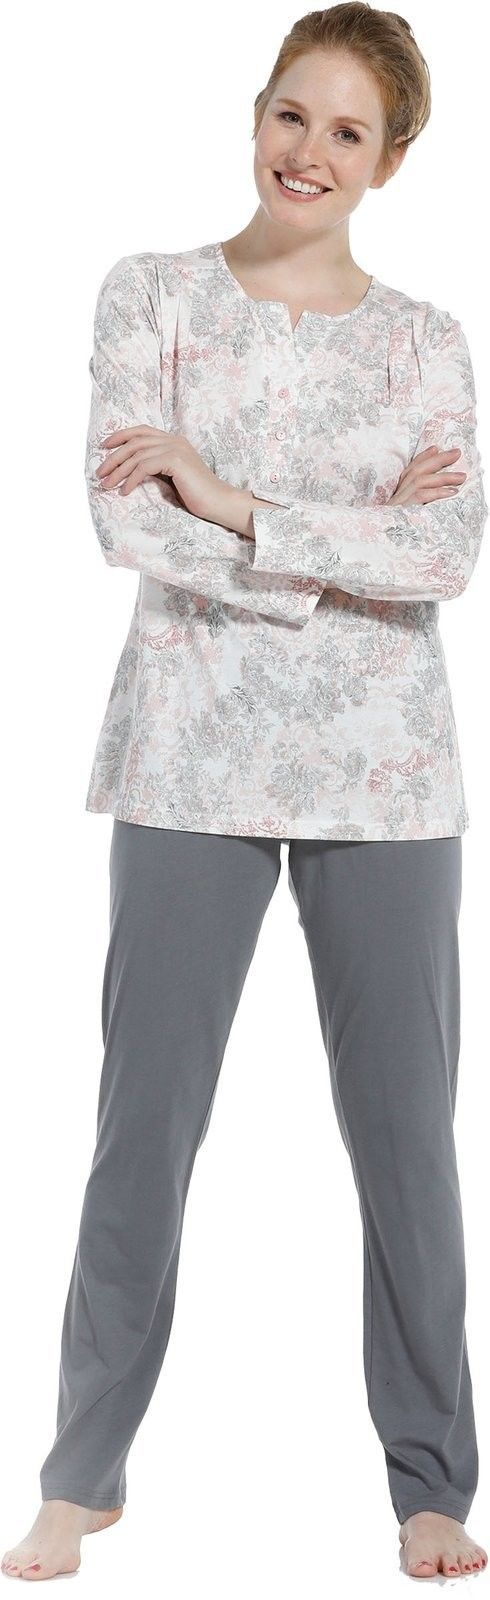 Piżama Pastunette Peach 20202-133-4 kolor 910